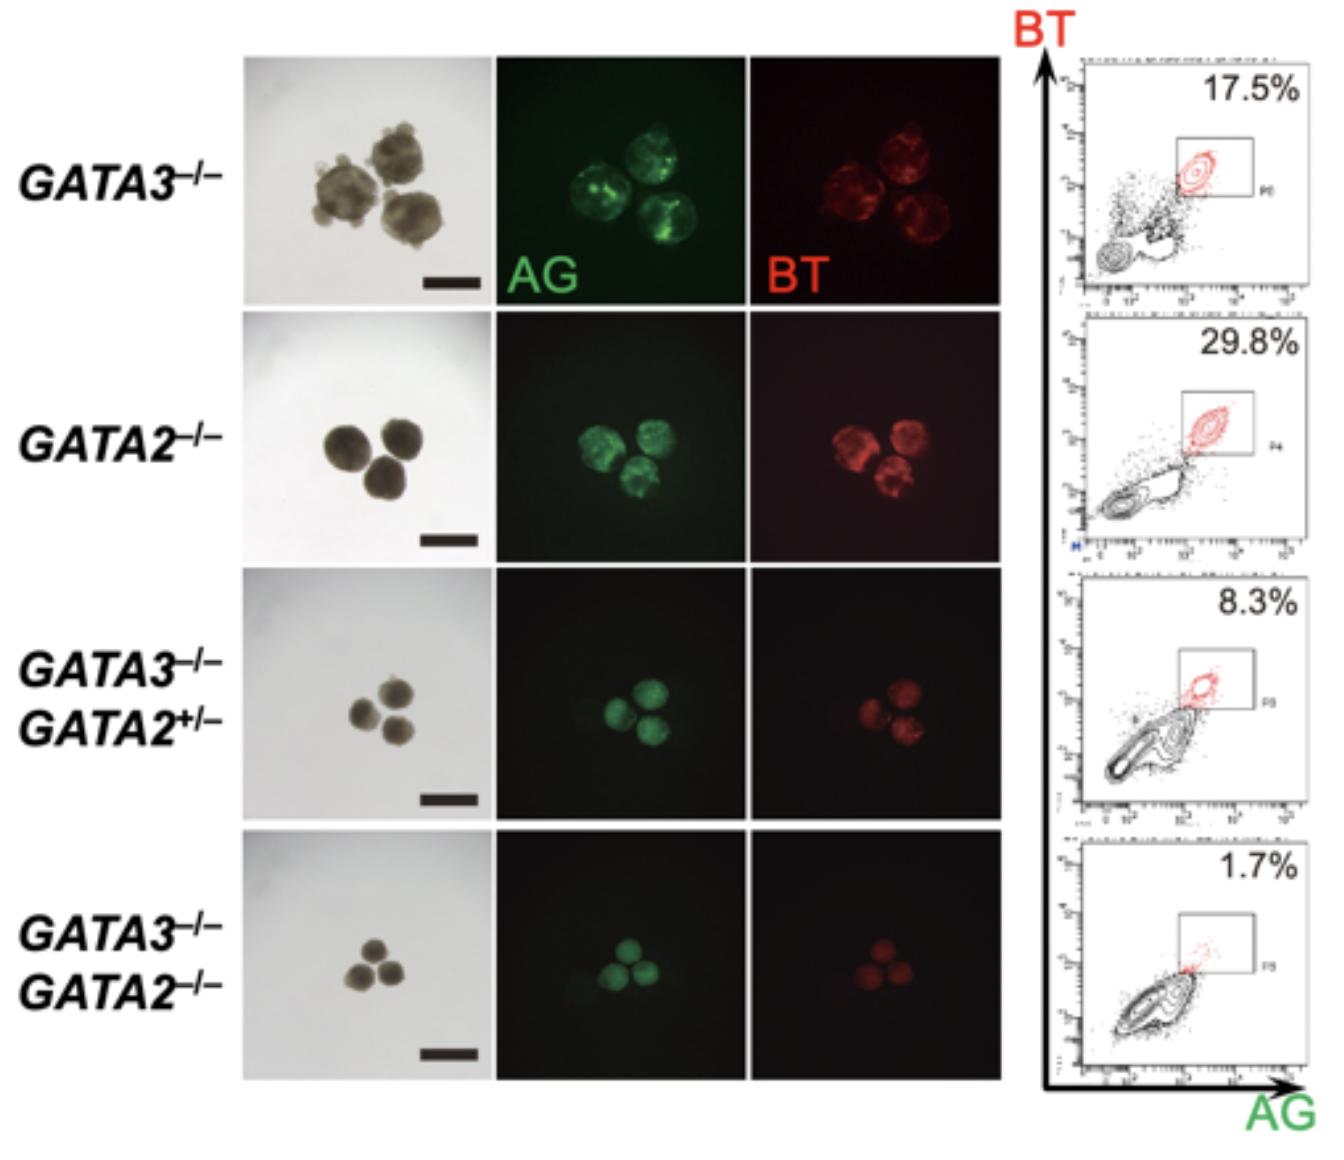 図3. GATA3またはGATA2がないと生殖細胞に分化できない クリスパーCas9を用いてGATA3とGATA2のノックアウトiPS細胞株を作製した。GATA3のみのノックアウト(GATA3–/–)、GATA2のみのノックアウト(GATA2–/–)ではいずれもBMP4の刺激により、BTとAGがともに陽性な生殖細胞が形成されるが、GATA3ノックアウトにGATA2が片アレルのみ変異したもの(GATA3–/–; GATA2+/–)では数が減り、GATA3とGATA2ともにノックアウトした株(GATA3–/–; GATA2–/–)ではほとんど誘導されなくなる。